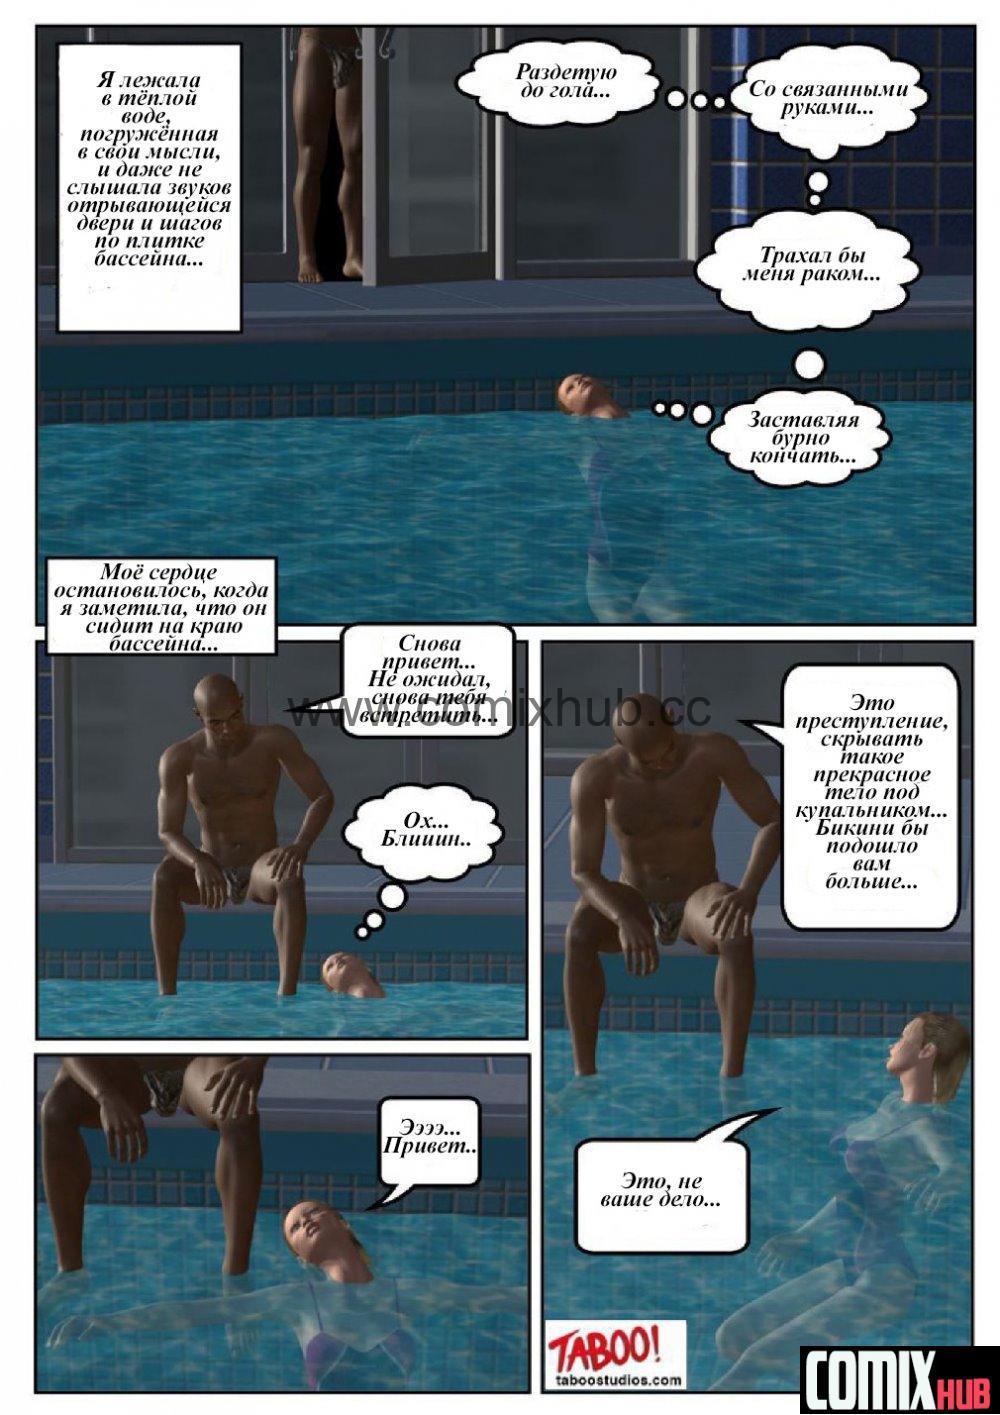 Порно комикс, 50 оттенков чёрного Порно комиксы, Измена, Мастурбация